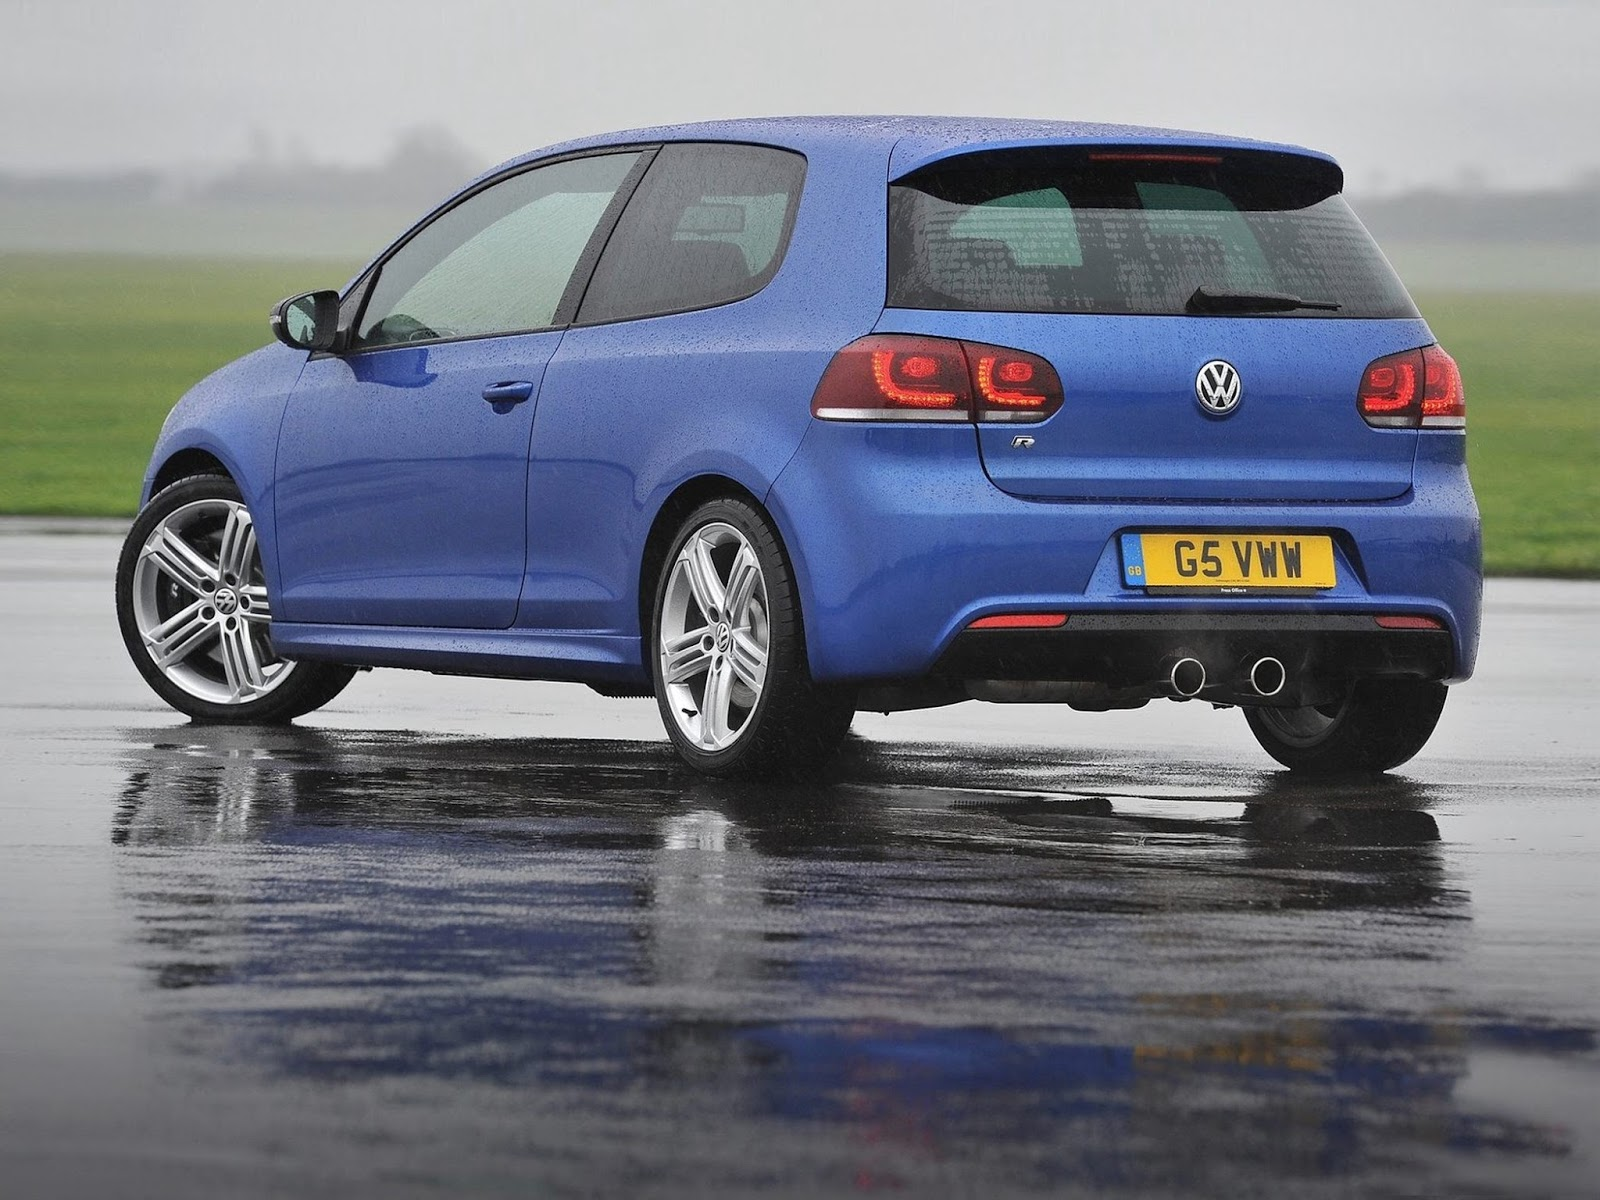 2015 Volkswagen Golf R 1024 x 768 Wallpaper 1600x1200